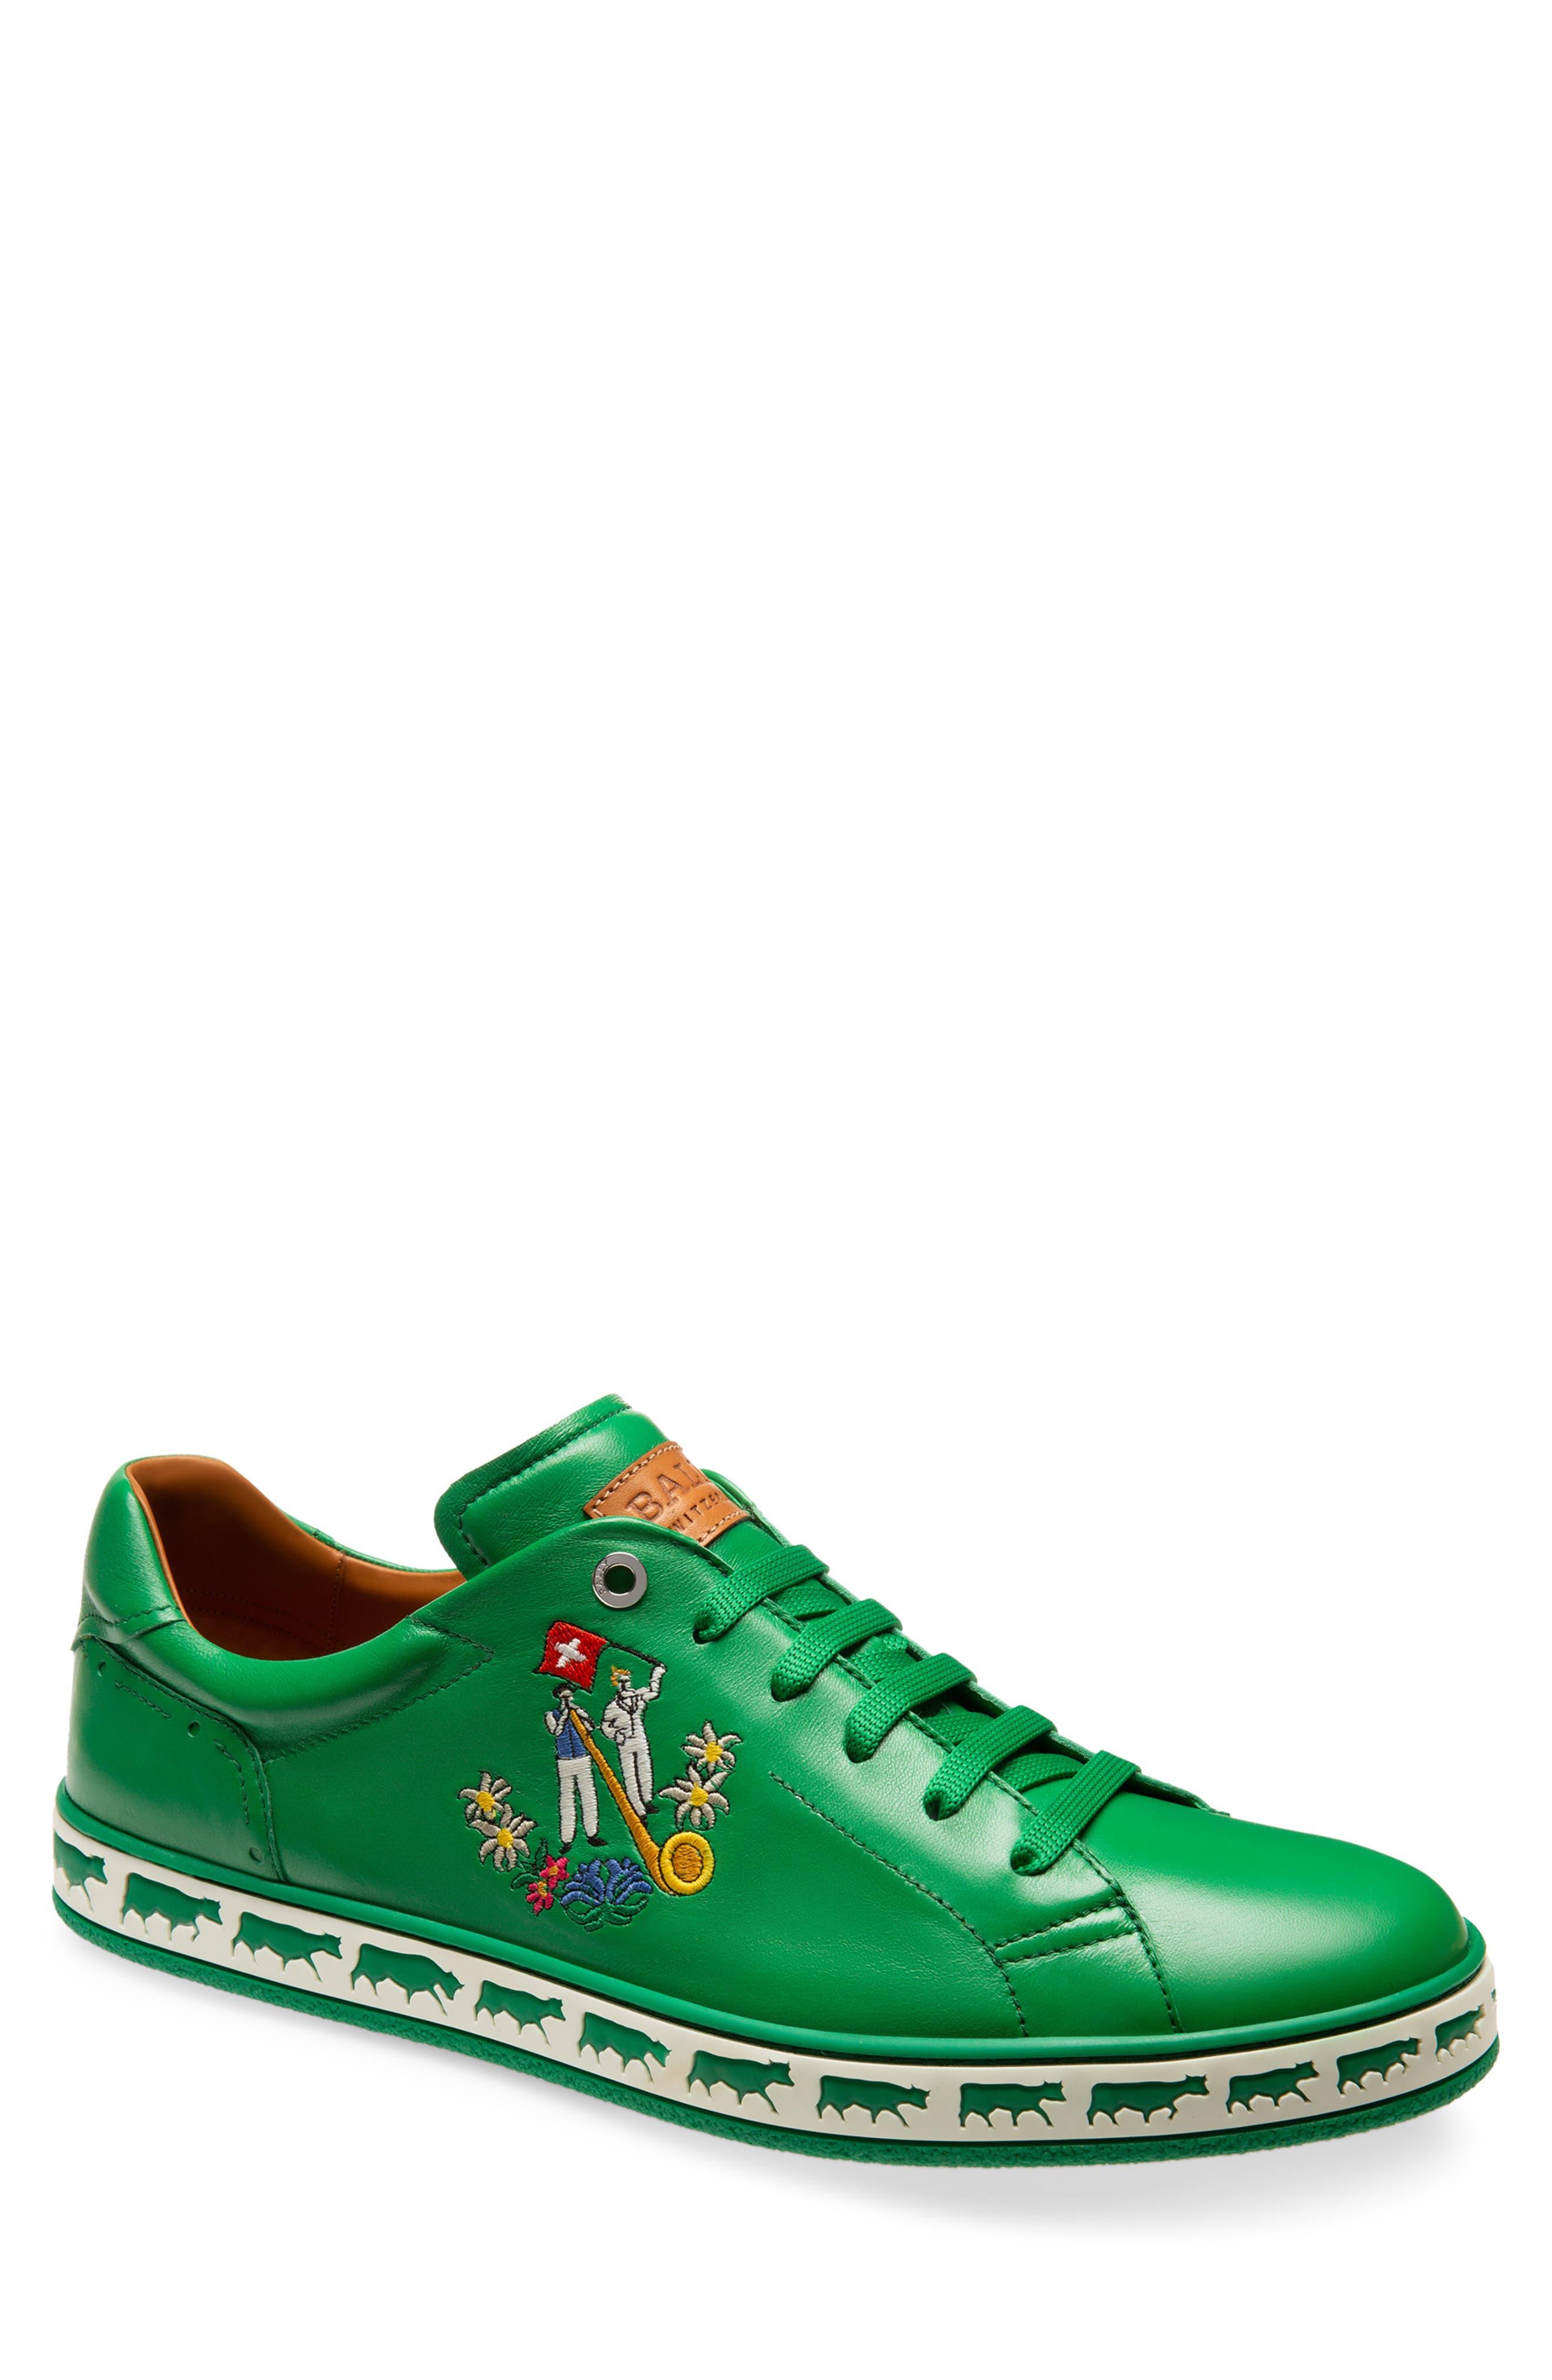 bf548a75d472 Men s Bally Shoes